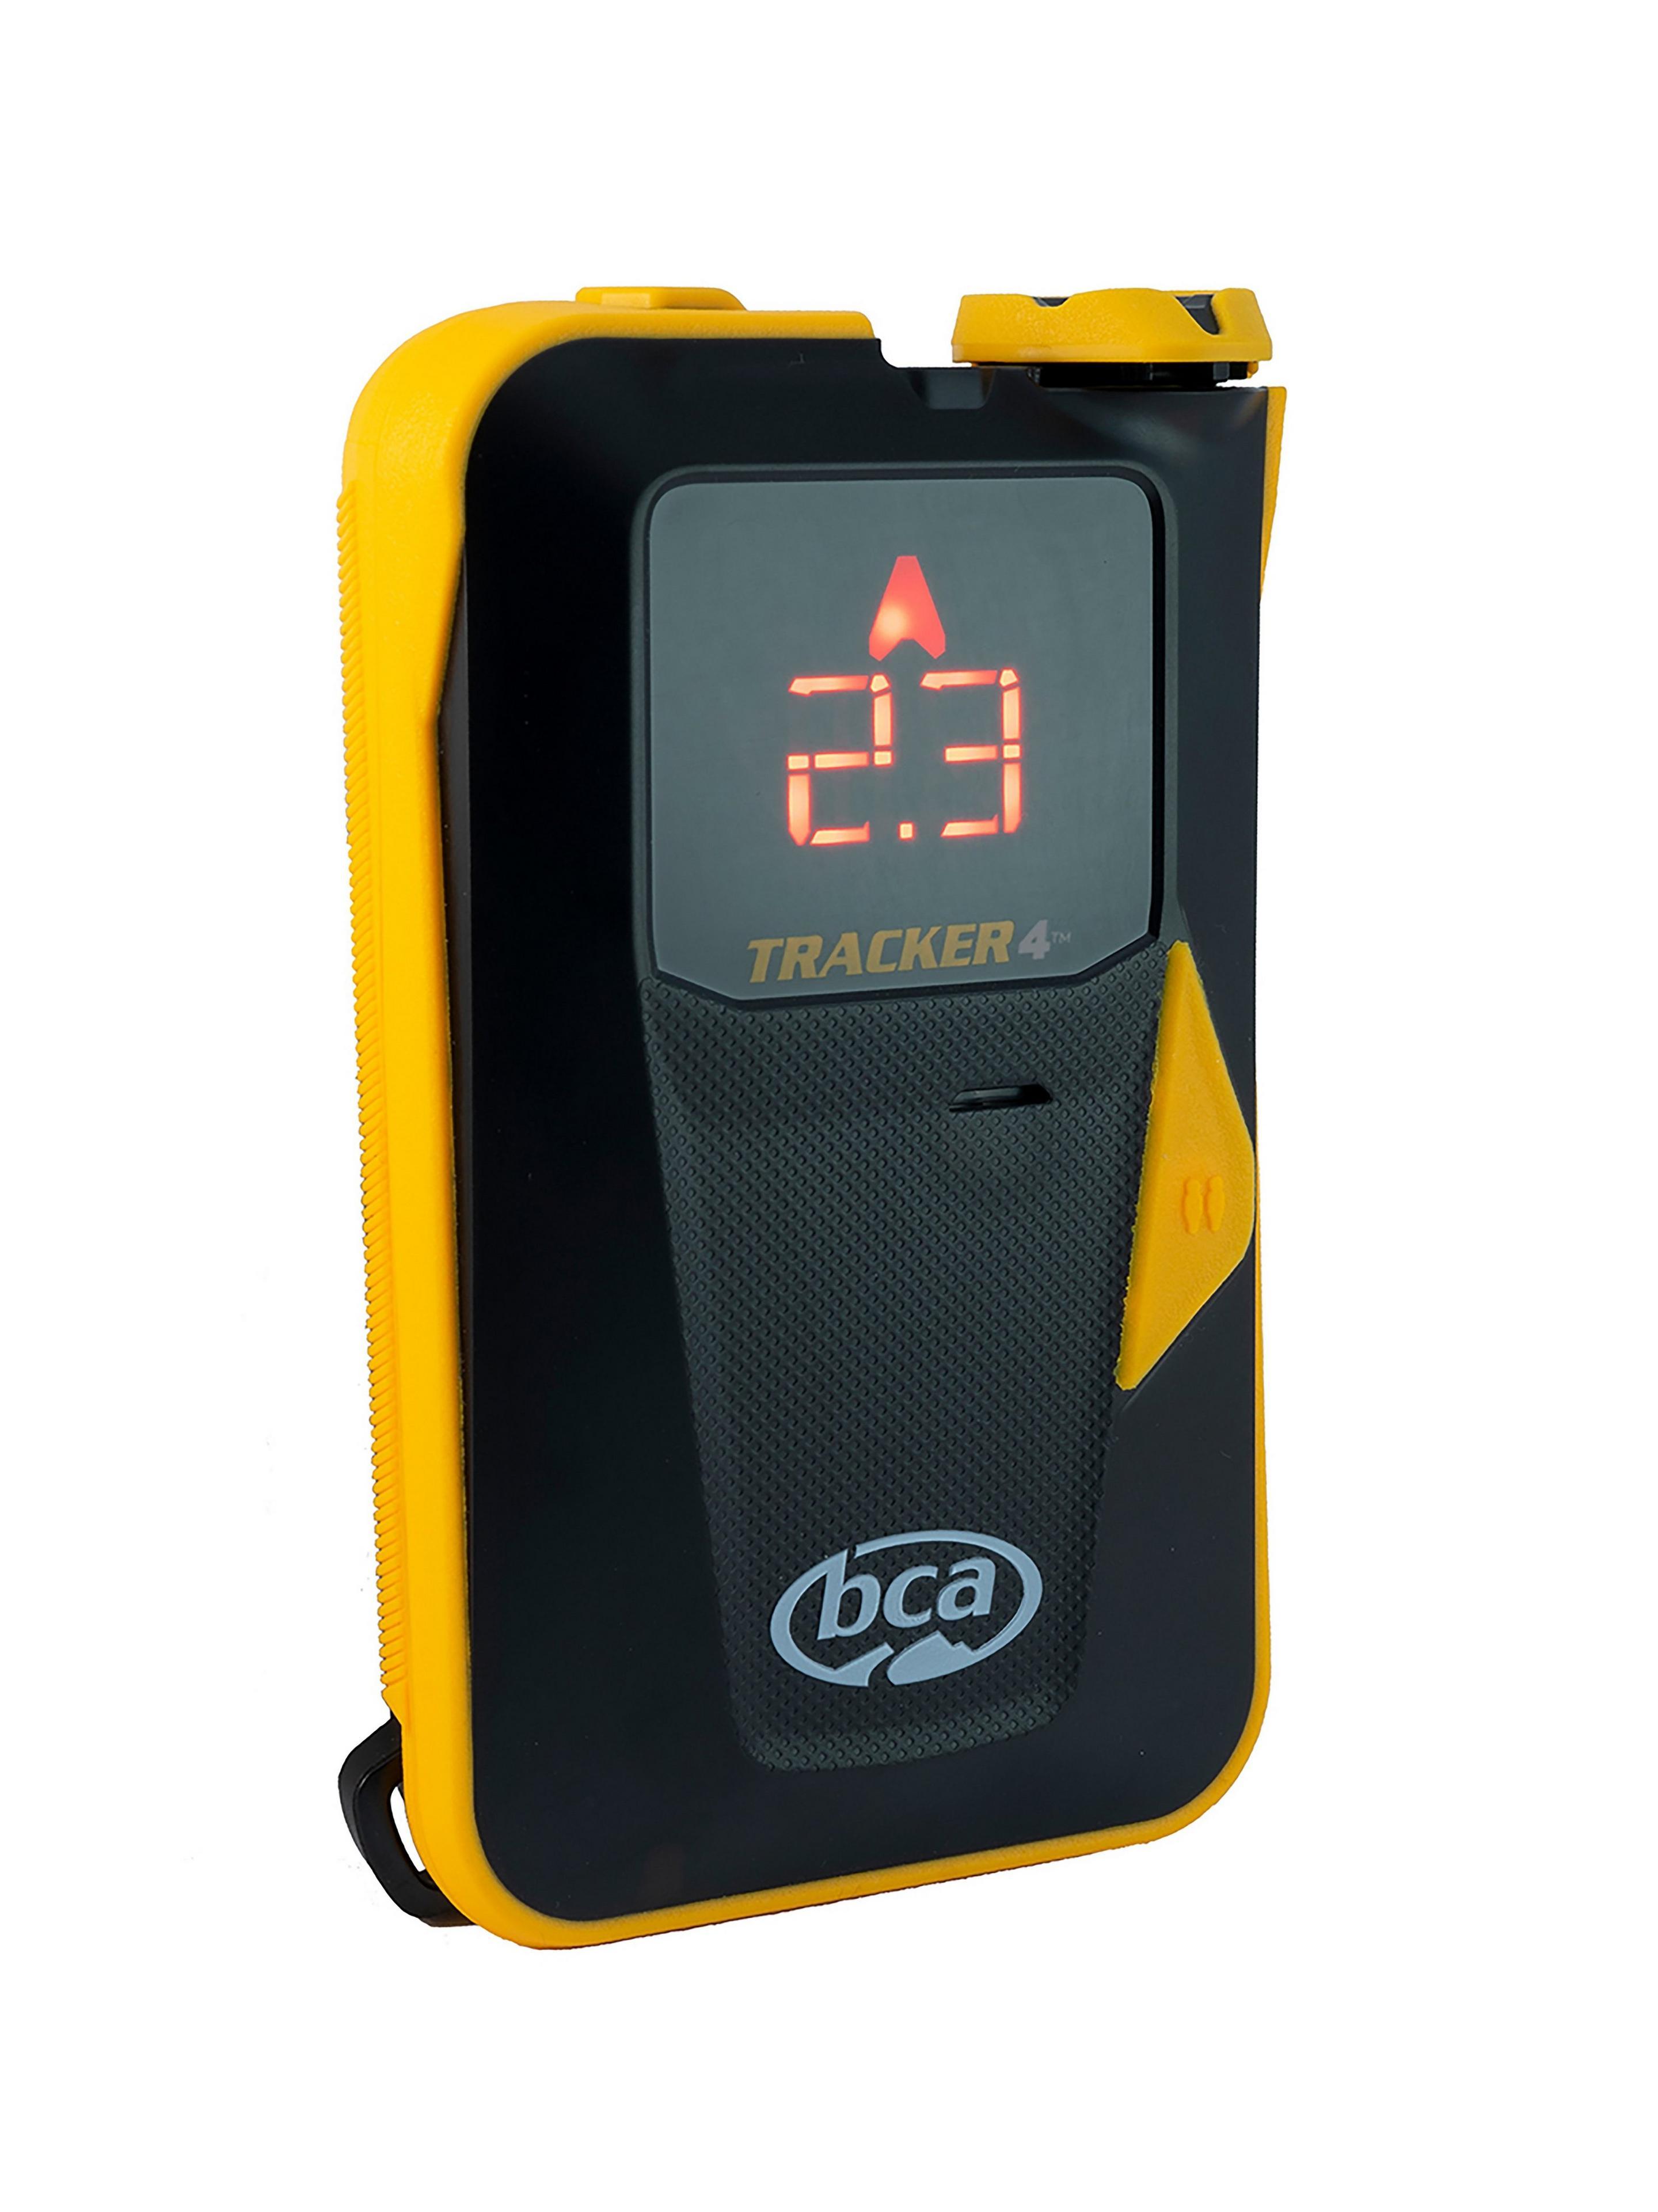 BCA Tracker 4 Beacon